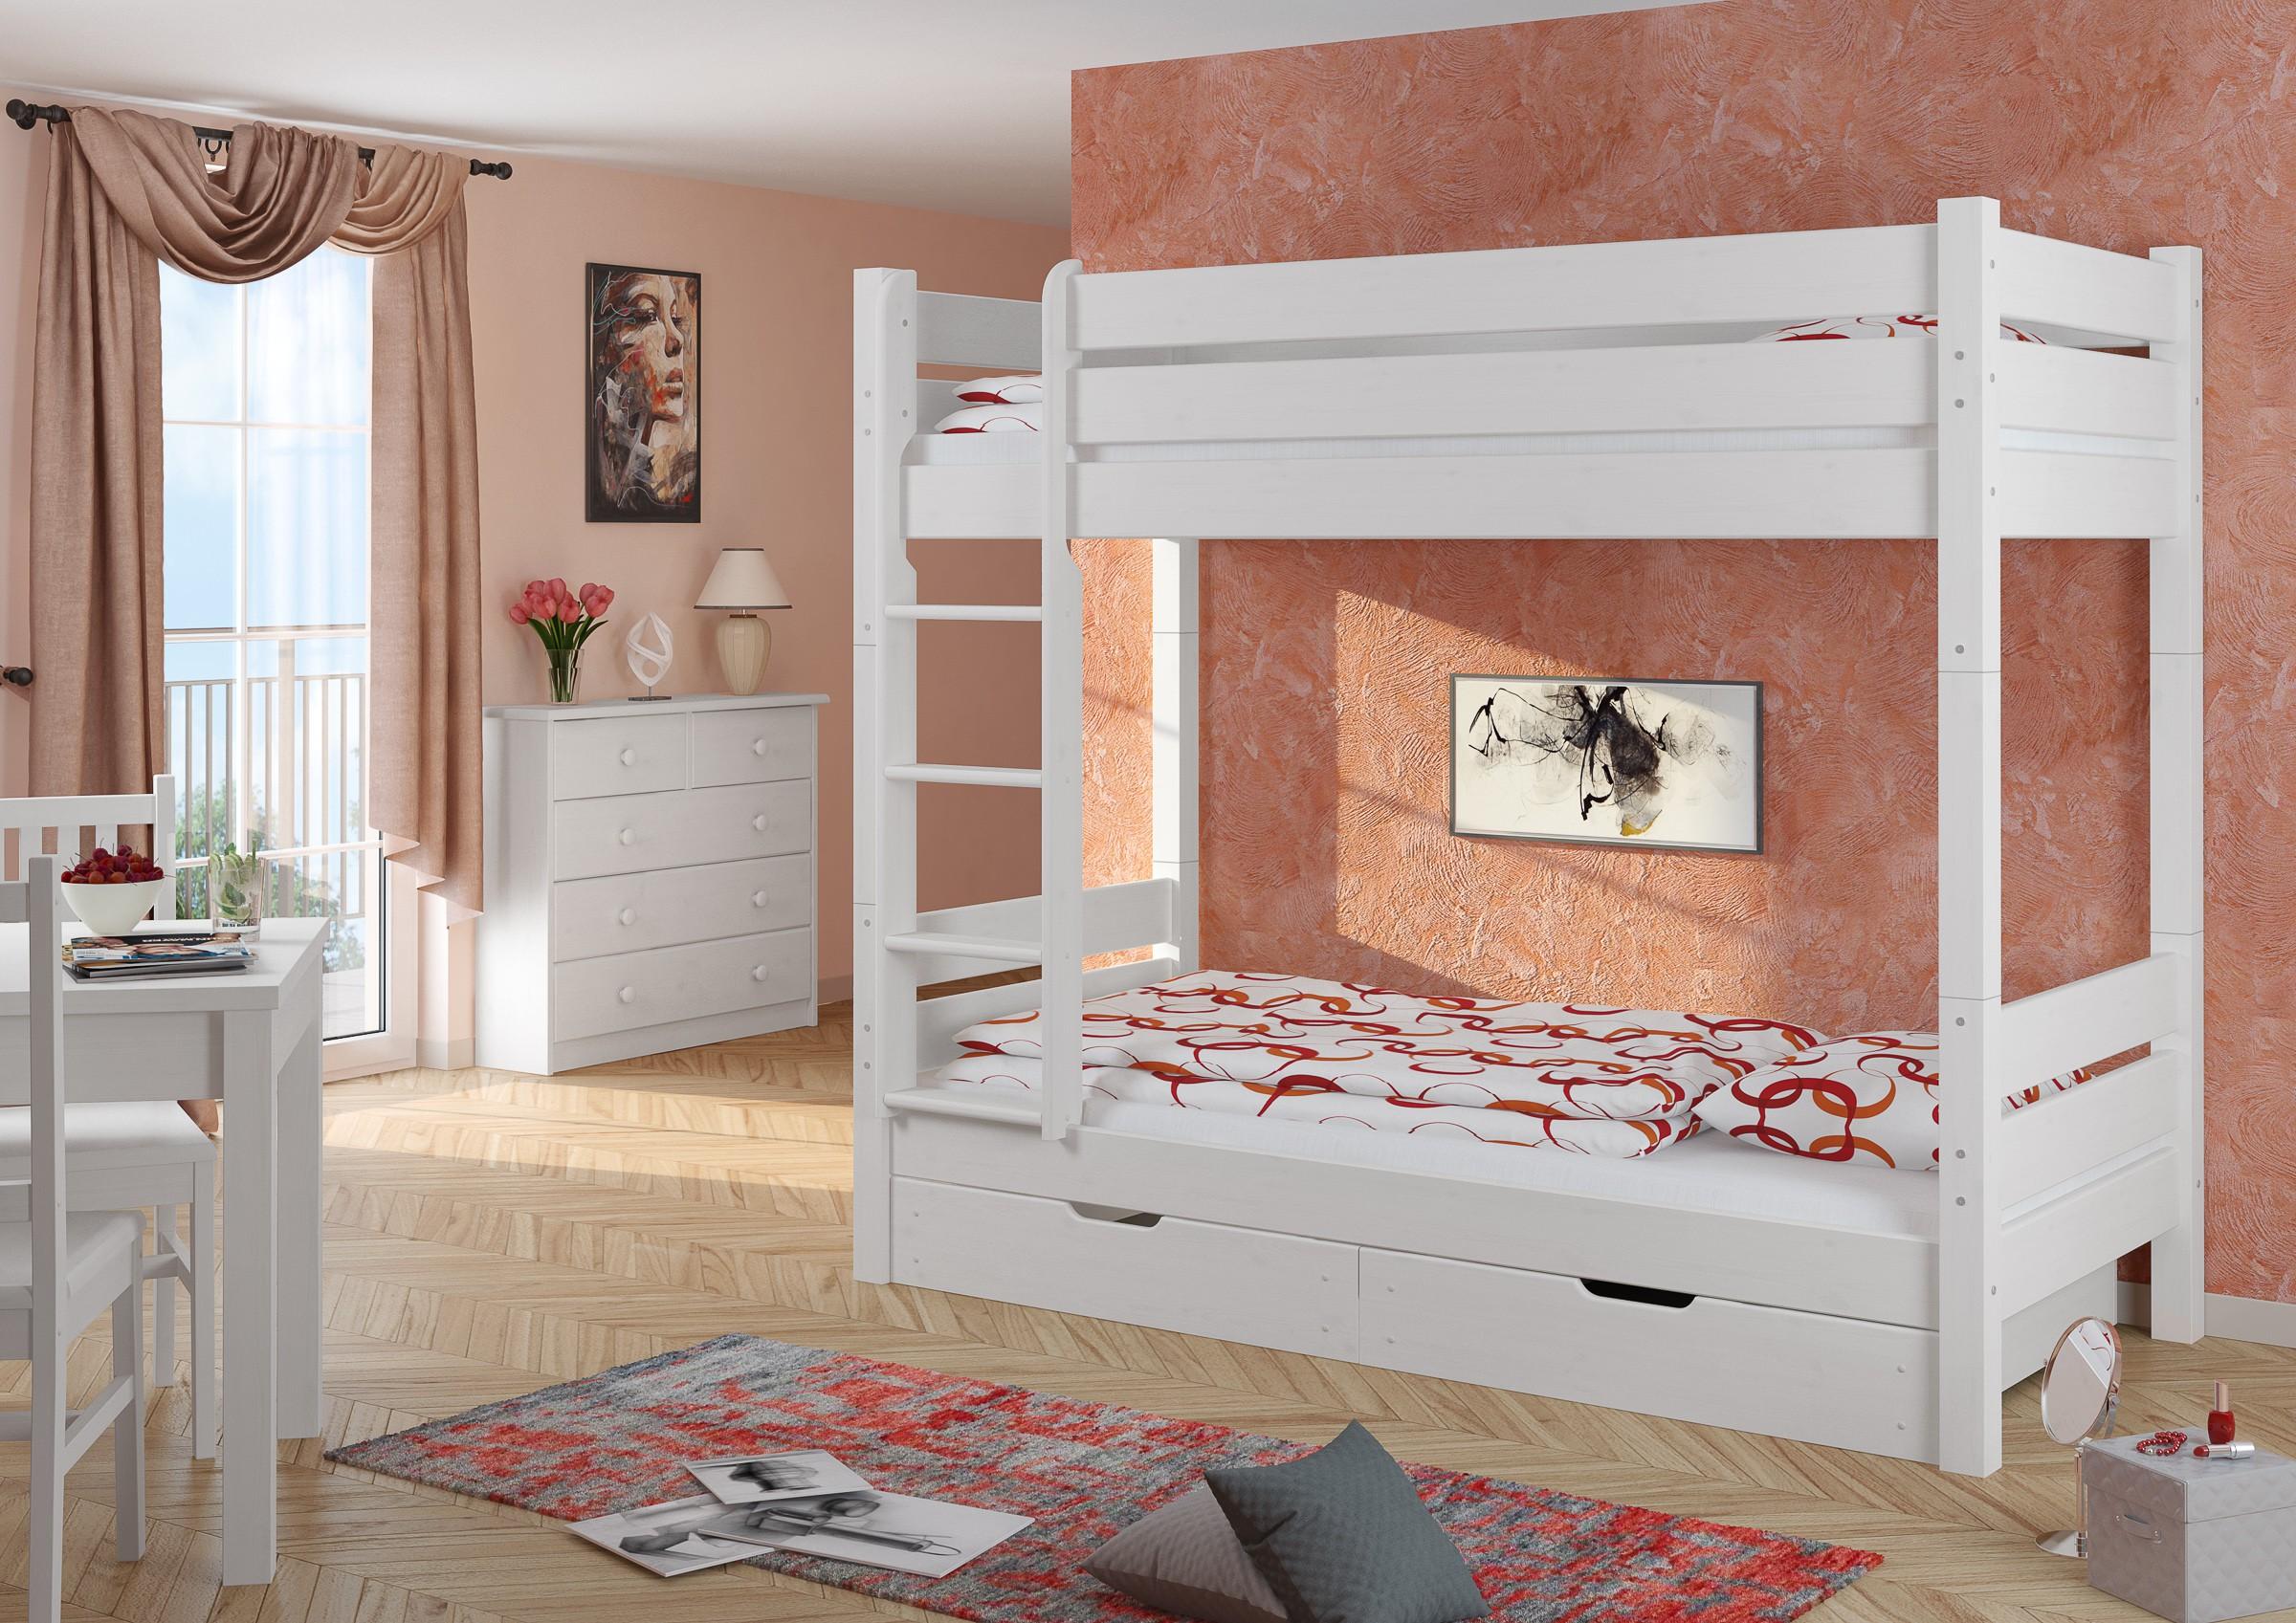 Etagenbett Erwachsene Schweiz : Erwachsenen etagenbett teilbar rollrost bettkästen